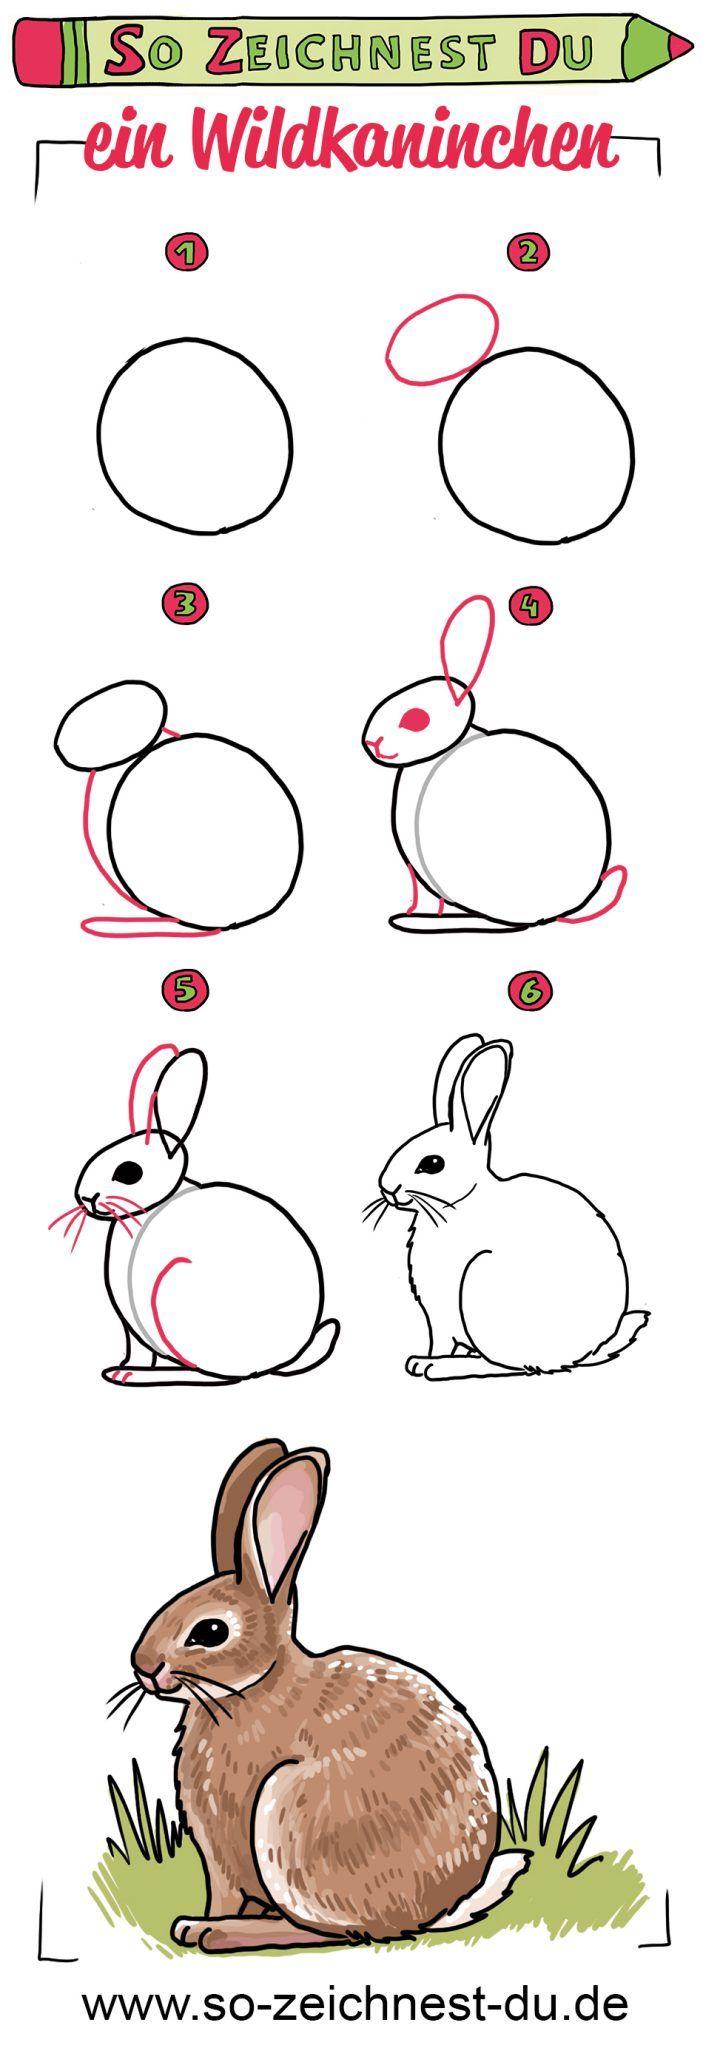 So zeichnest du ein Wildkaninchen. Mit unserer Zeichenschule lernst du, ganz einfach Tiere wie dieses Kaninchen zu zeichnen. Und: Auf unserer Website findest du übrigens eine noch detailliertere Schritt-für-Schritt-Anleitung! #sozeichnestdu #zeichnenlernen #zeichenschule